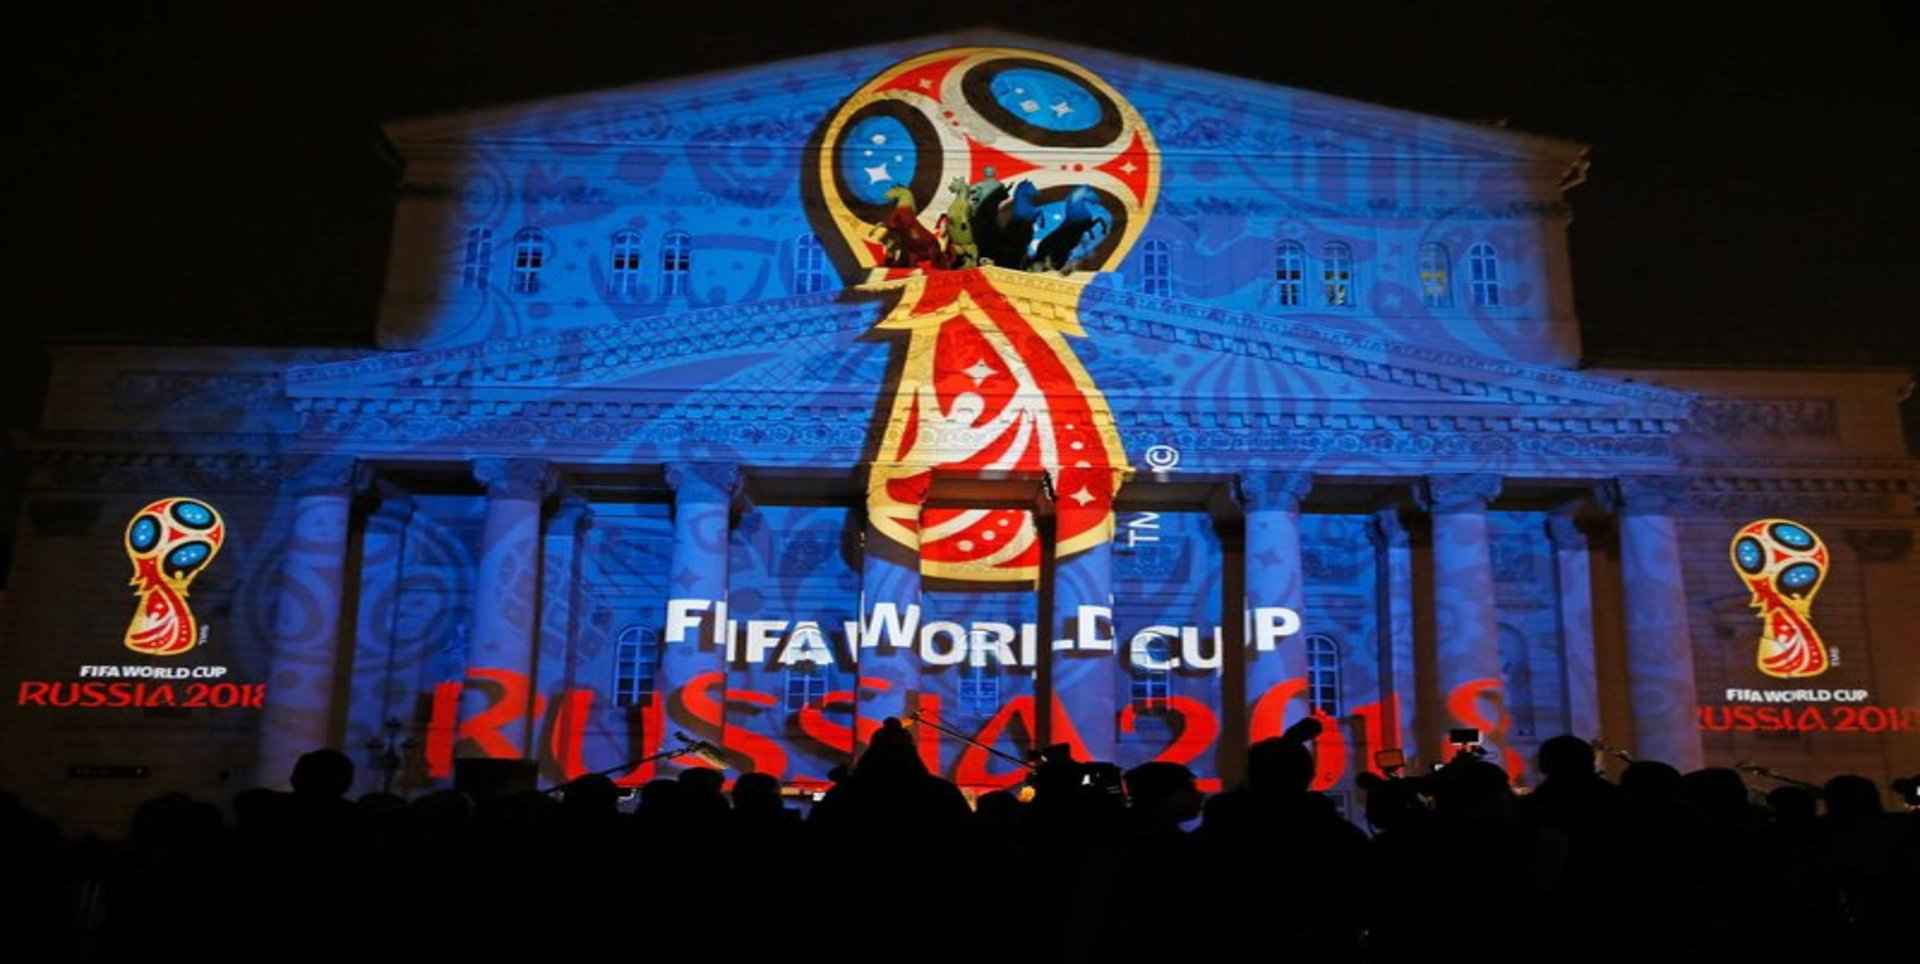 FIFA WC Republic of Ireland VS Wales Live